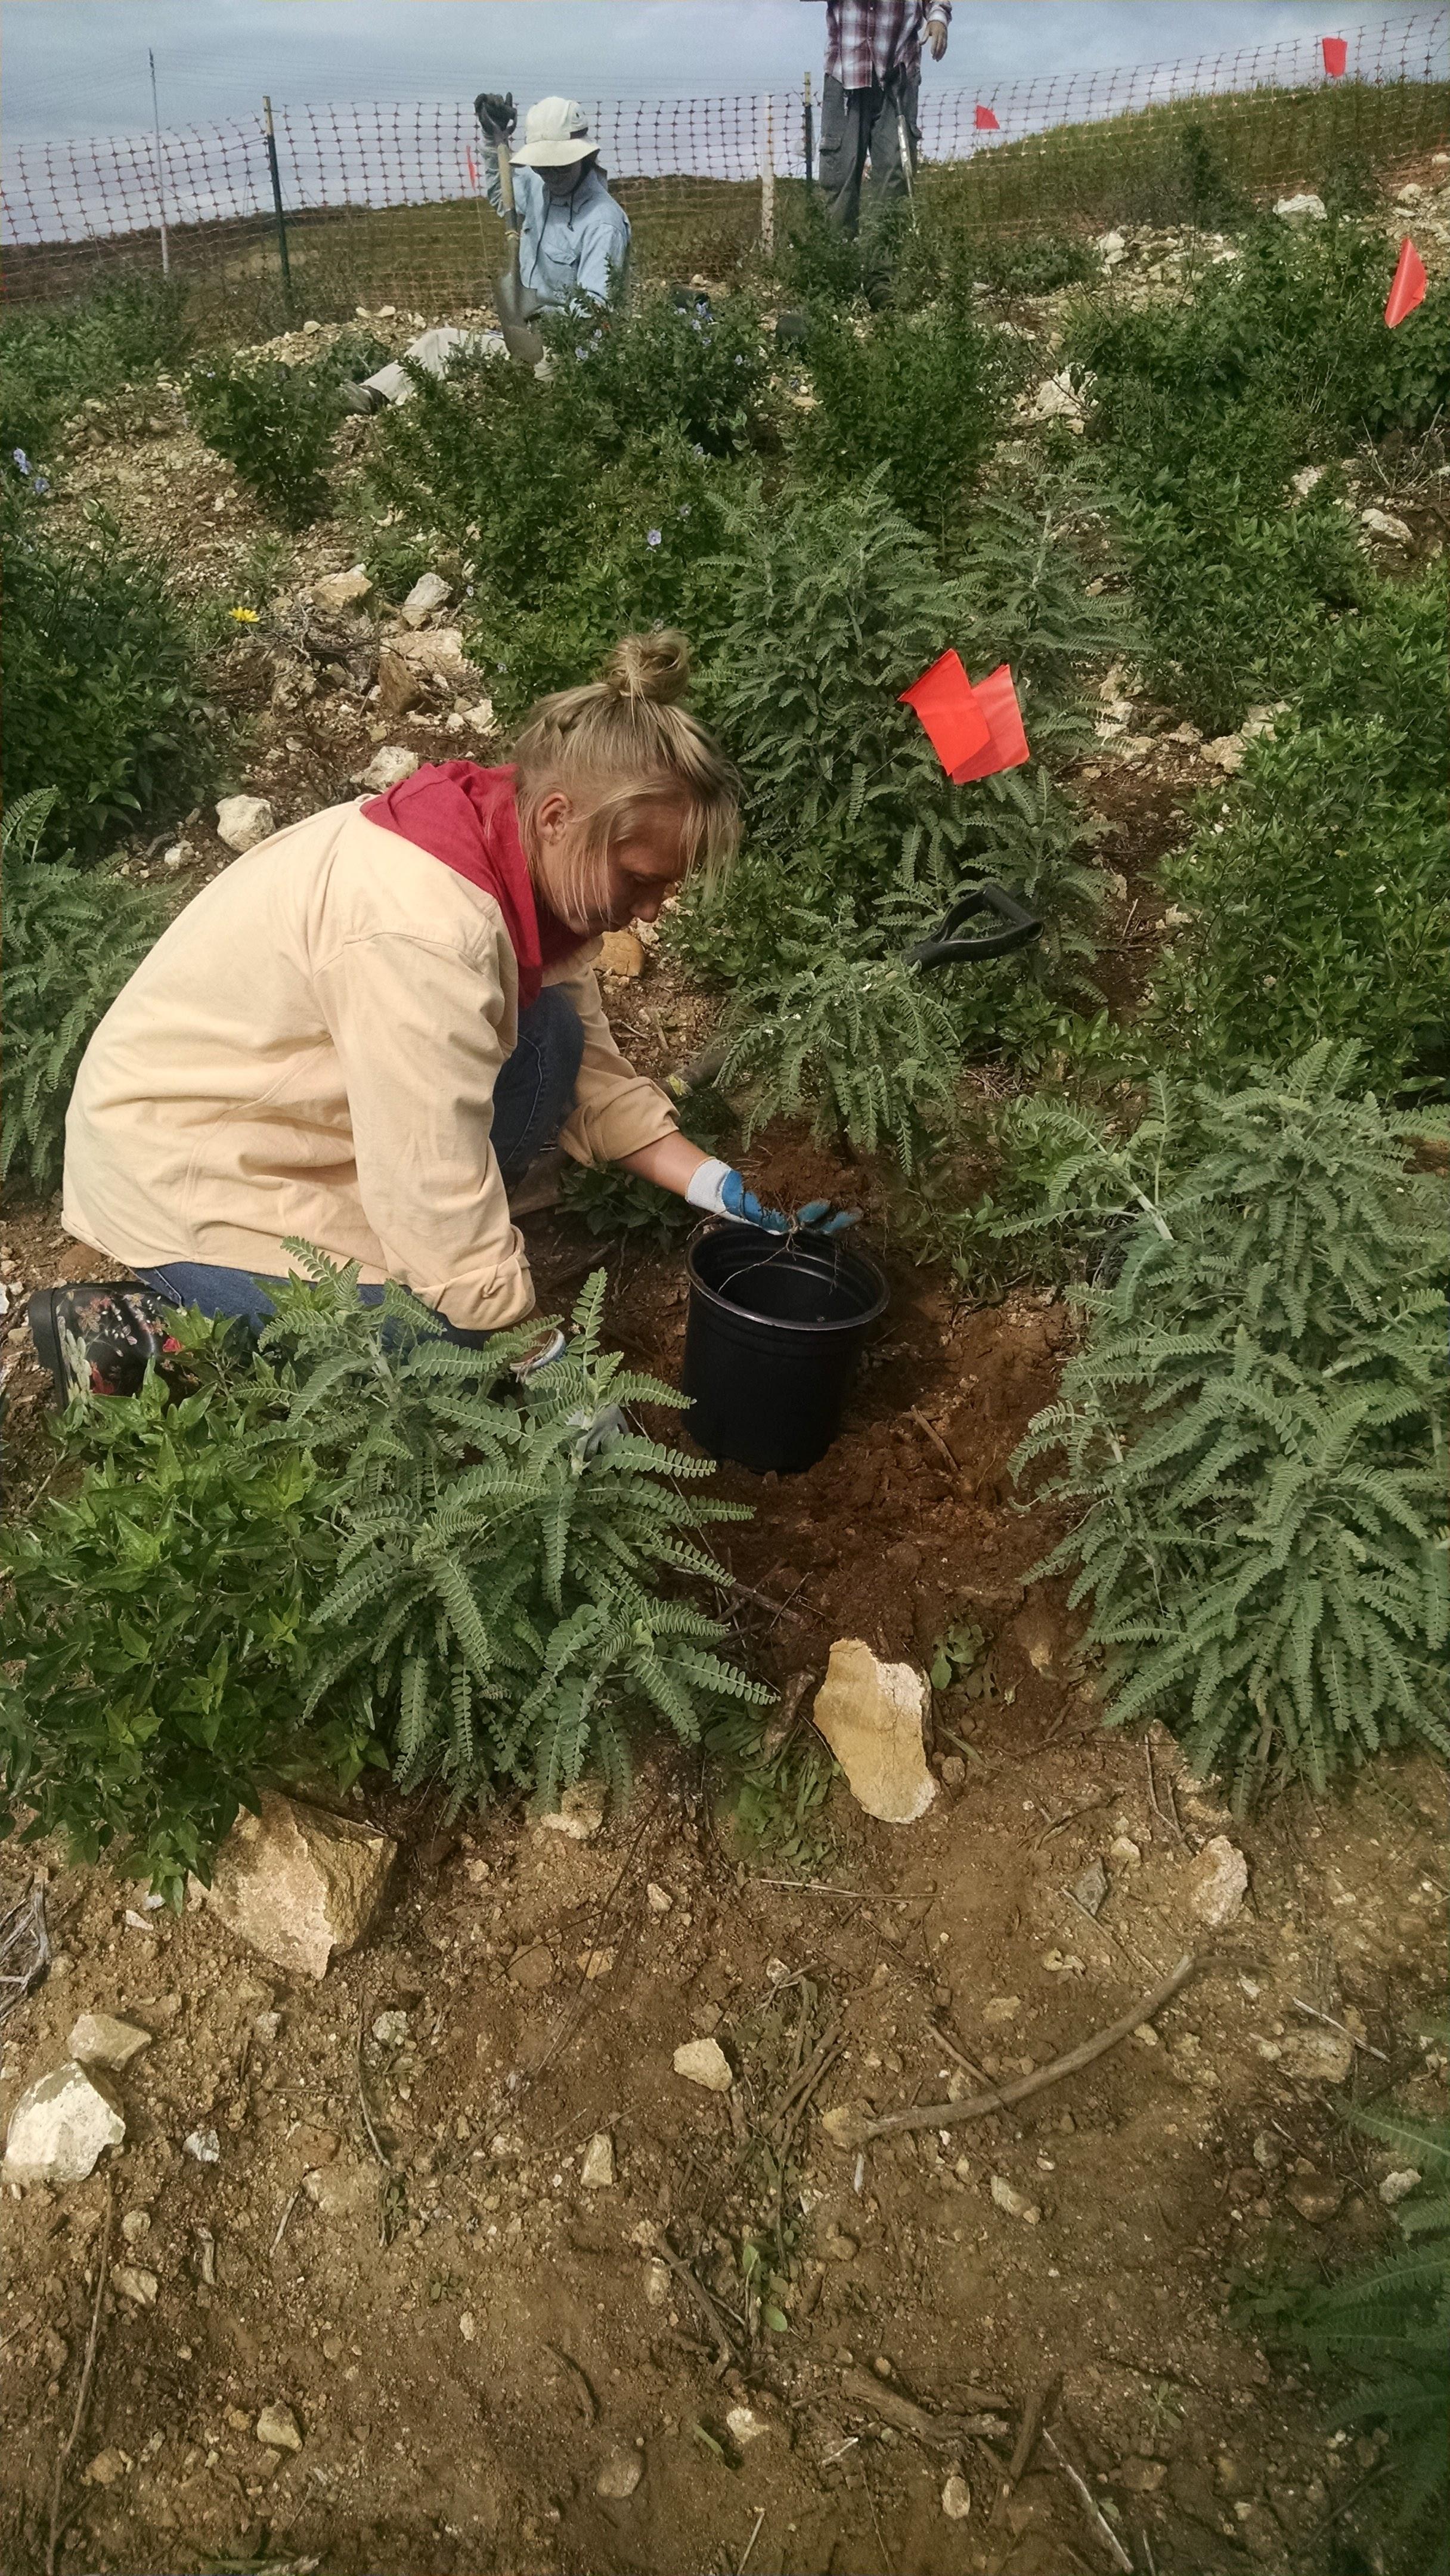 A CIR Field Technician installs the endangered plant.